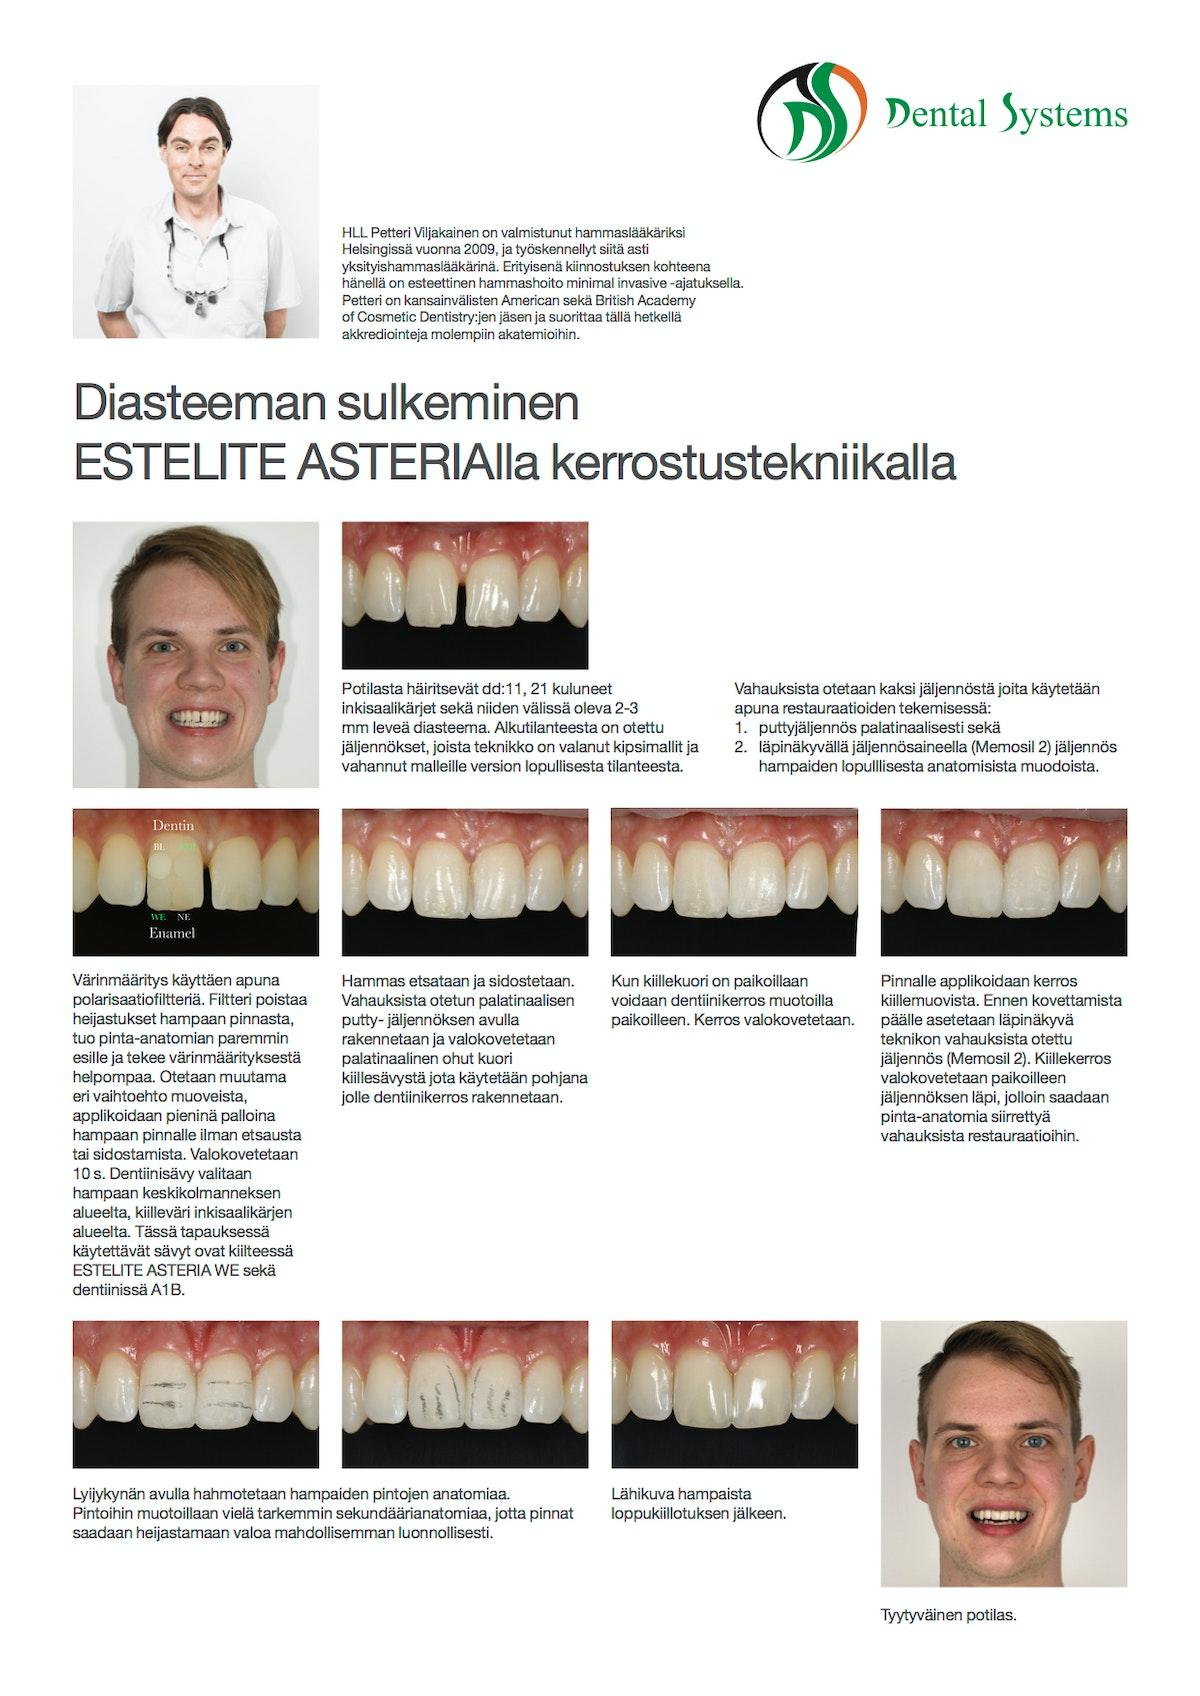 Diasteeman sulkeminen esteettisillä kerrostusmuovitäytteillä.